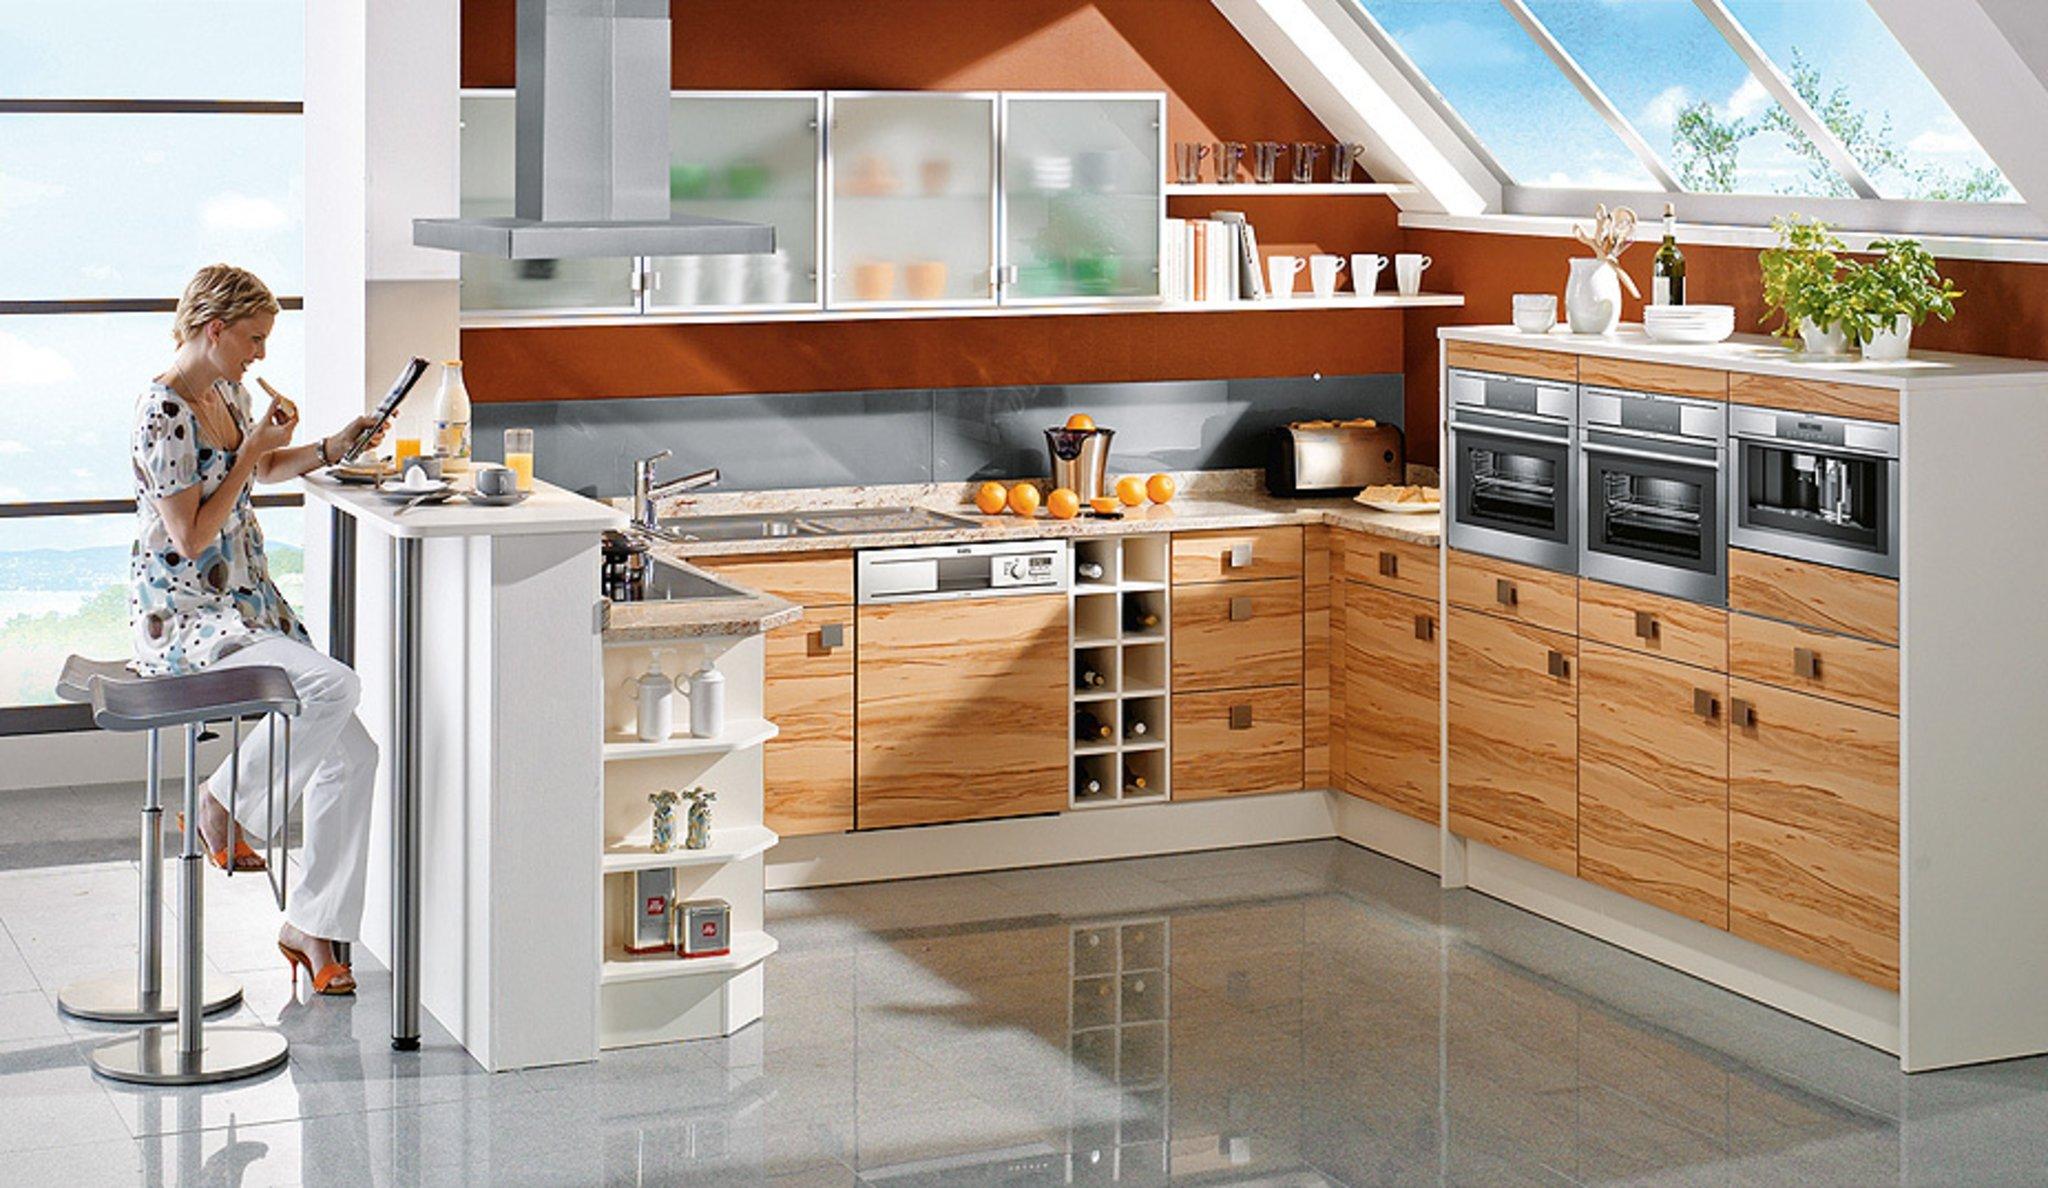 Full Size of Küchen Quelle Kchen Regal Wohnzimmer Küchen Quelle